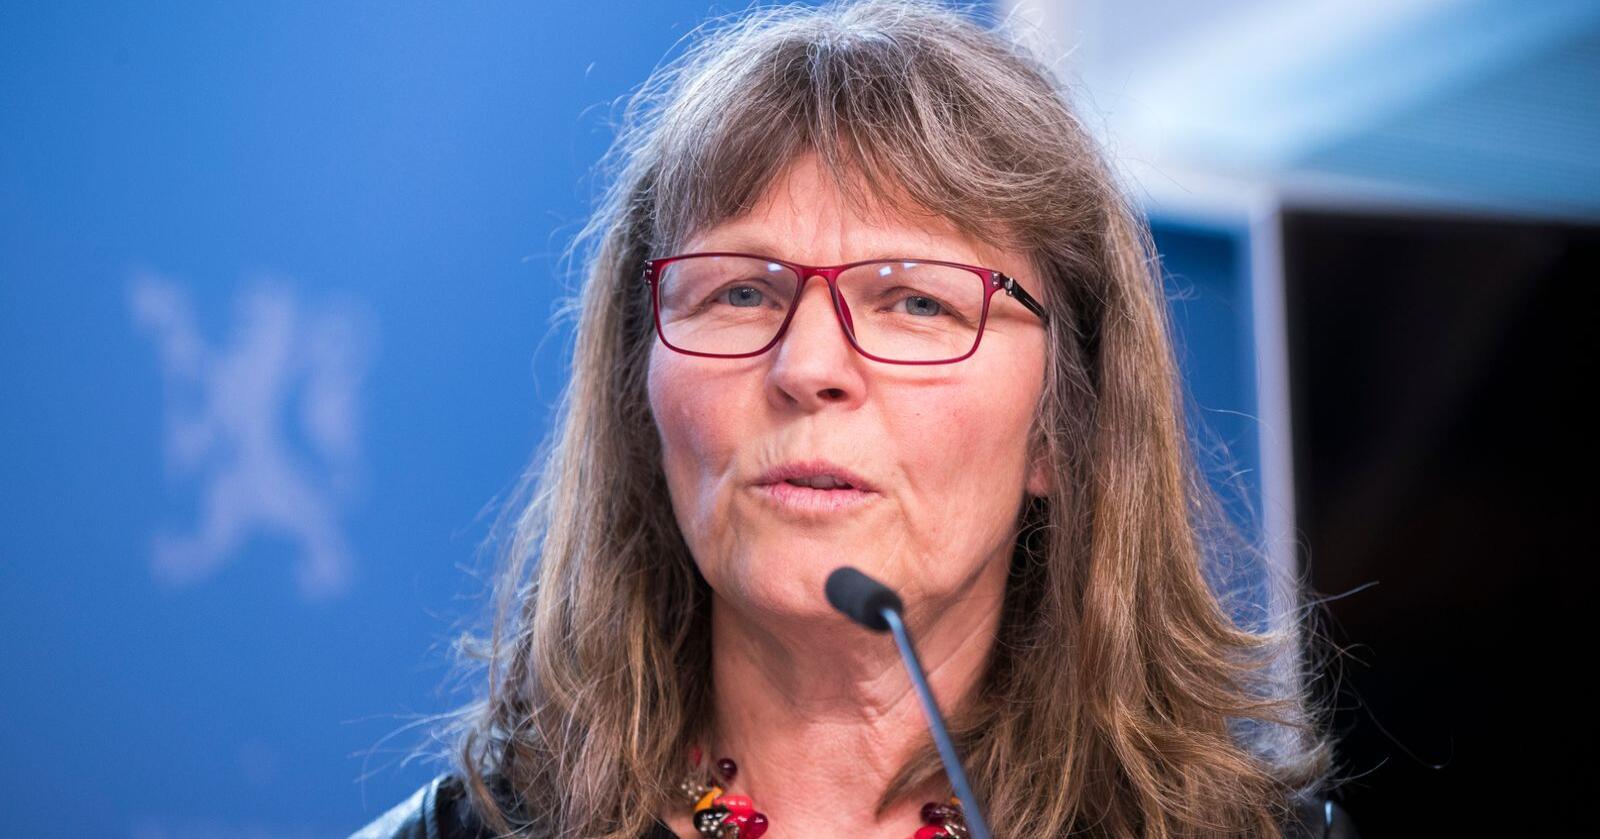 Norsk Bonde- og Småbrukarlag lanserer flere forslag til å styrke selvforsyningsgraden og ber om bedre rammevilkår for matproduksjonen. Her lagets leder Kjersti Hoff. Foto: Terje Pedersen / NTB scanpix